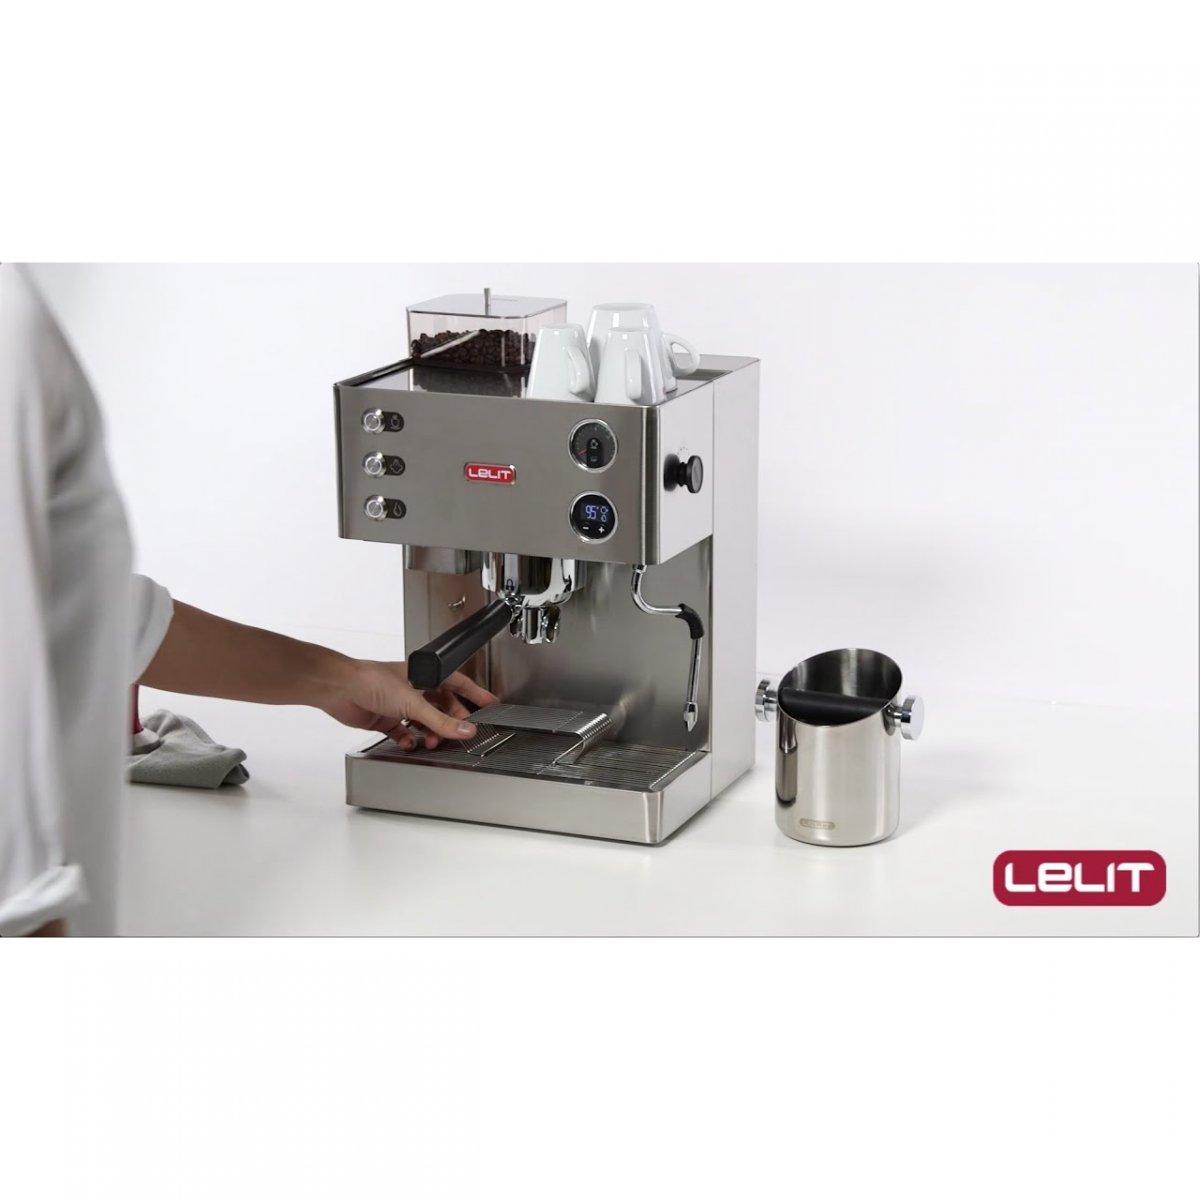 LELIT MACCHINA CAFFÈ KATE LELIT PL82T